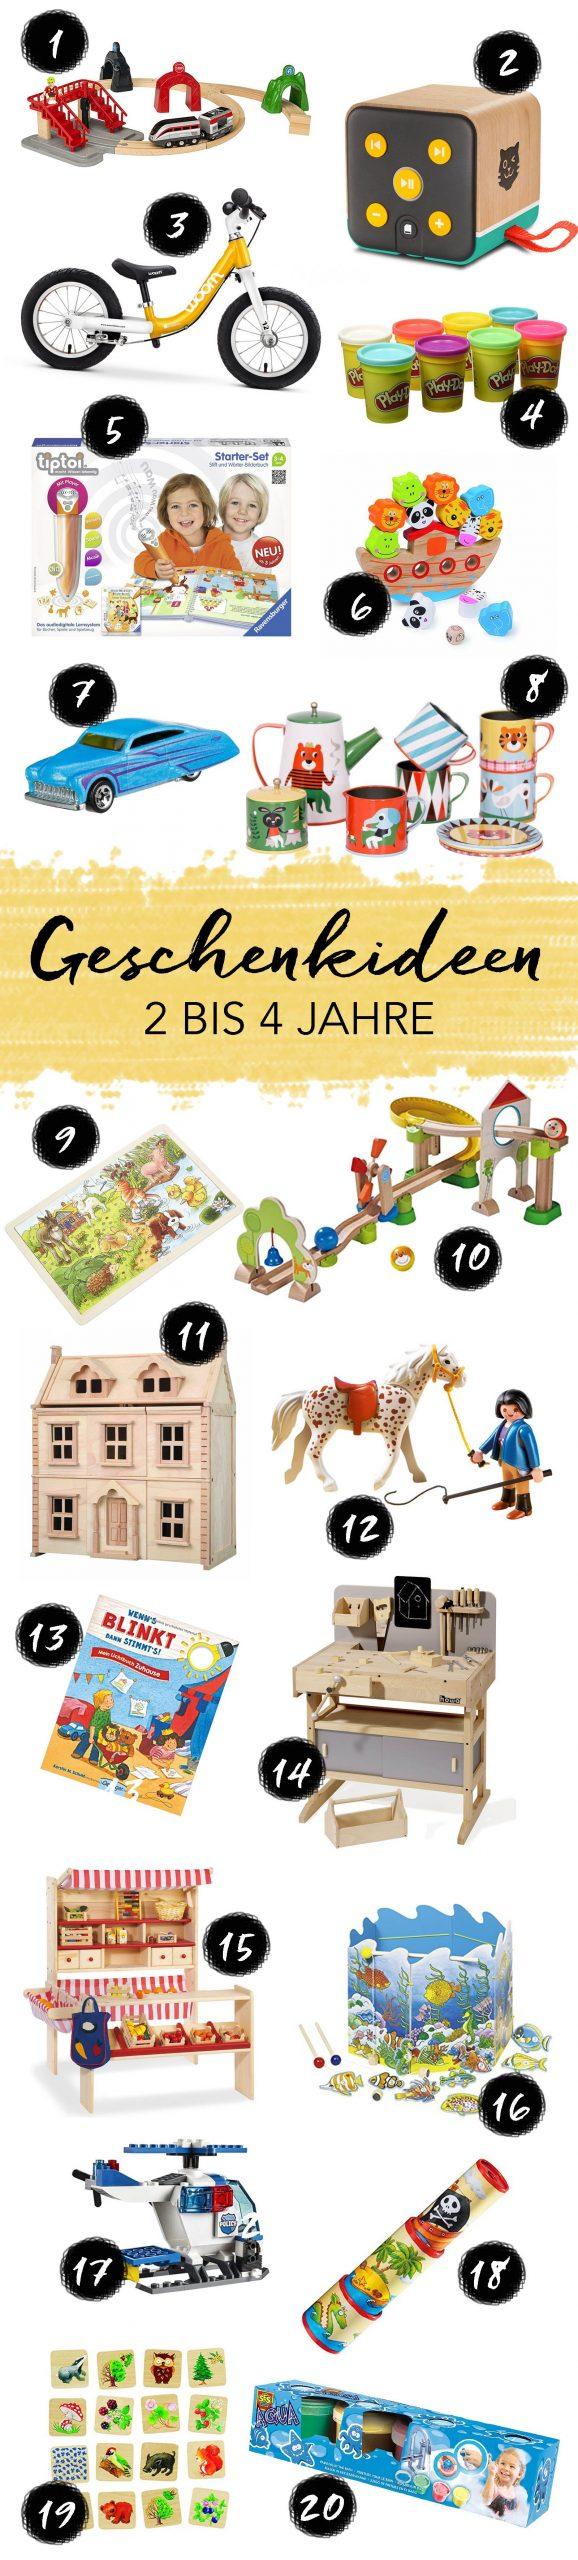 Geschenkideen Für Kinder Im Alter Von 2 Bis 3 Jahren innen Geburtstagsgeschenk Für 4 Jähriges Mädchen